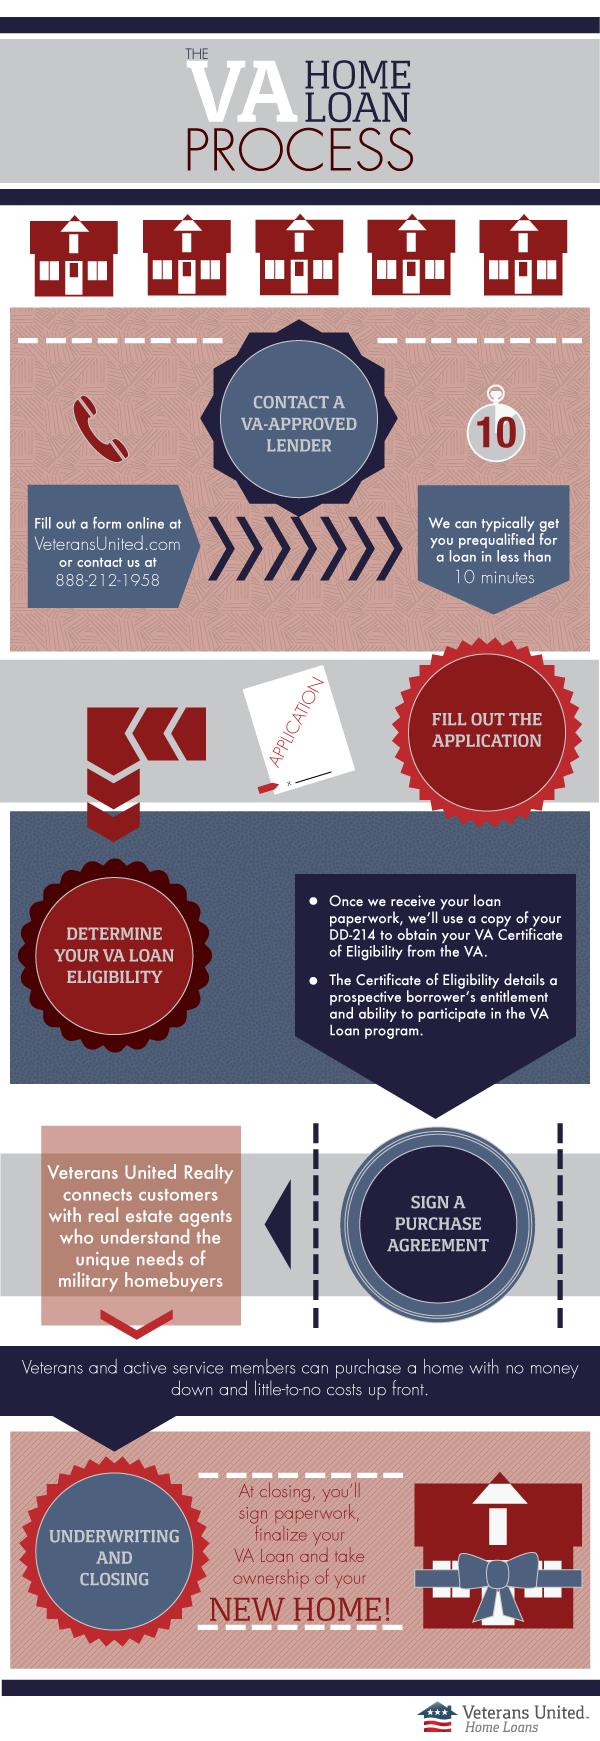 The Va Home Loan Process Va Loan Home Loans Va Loan Process